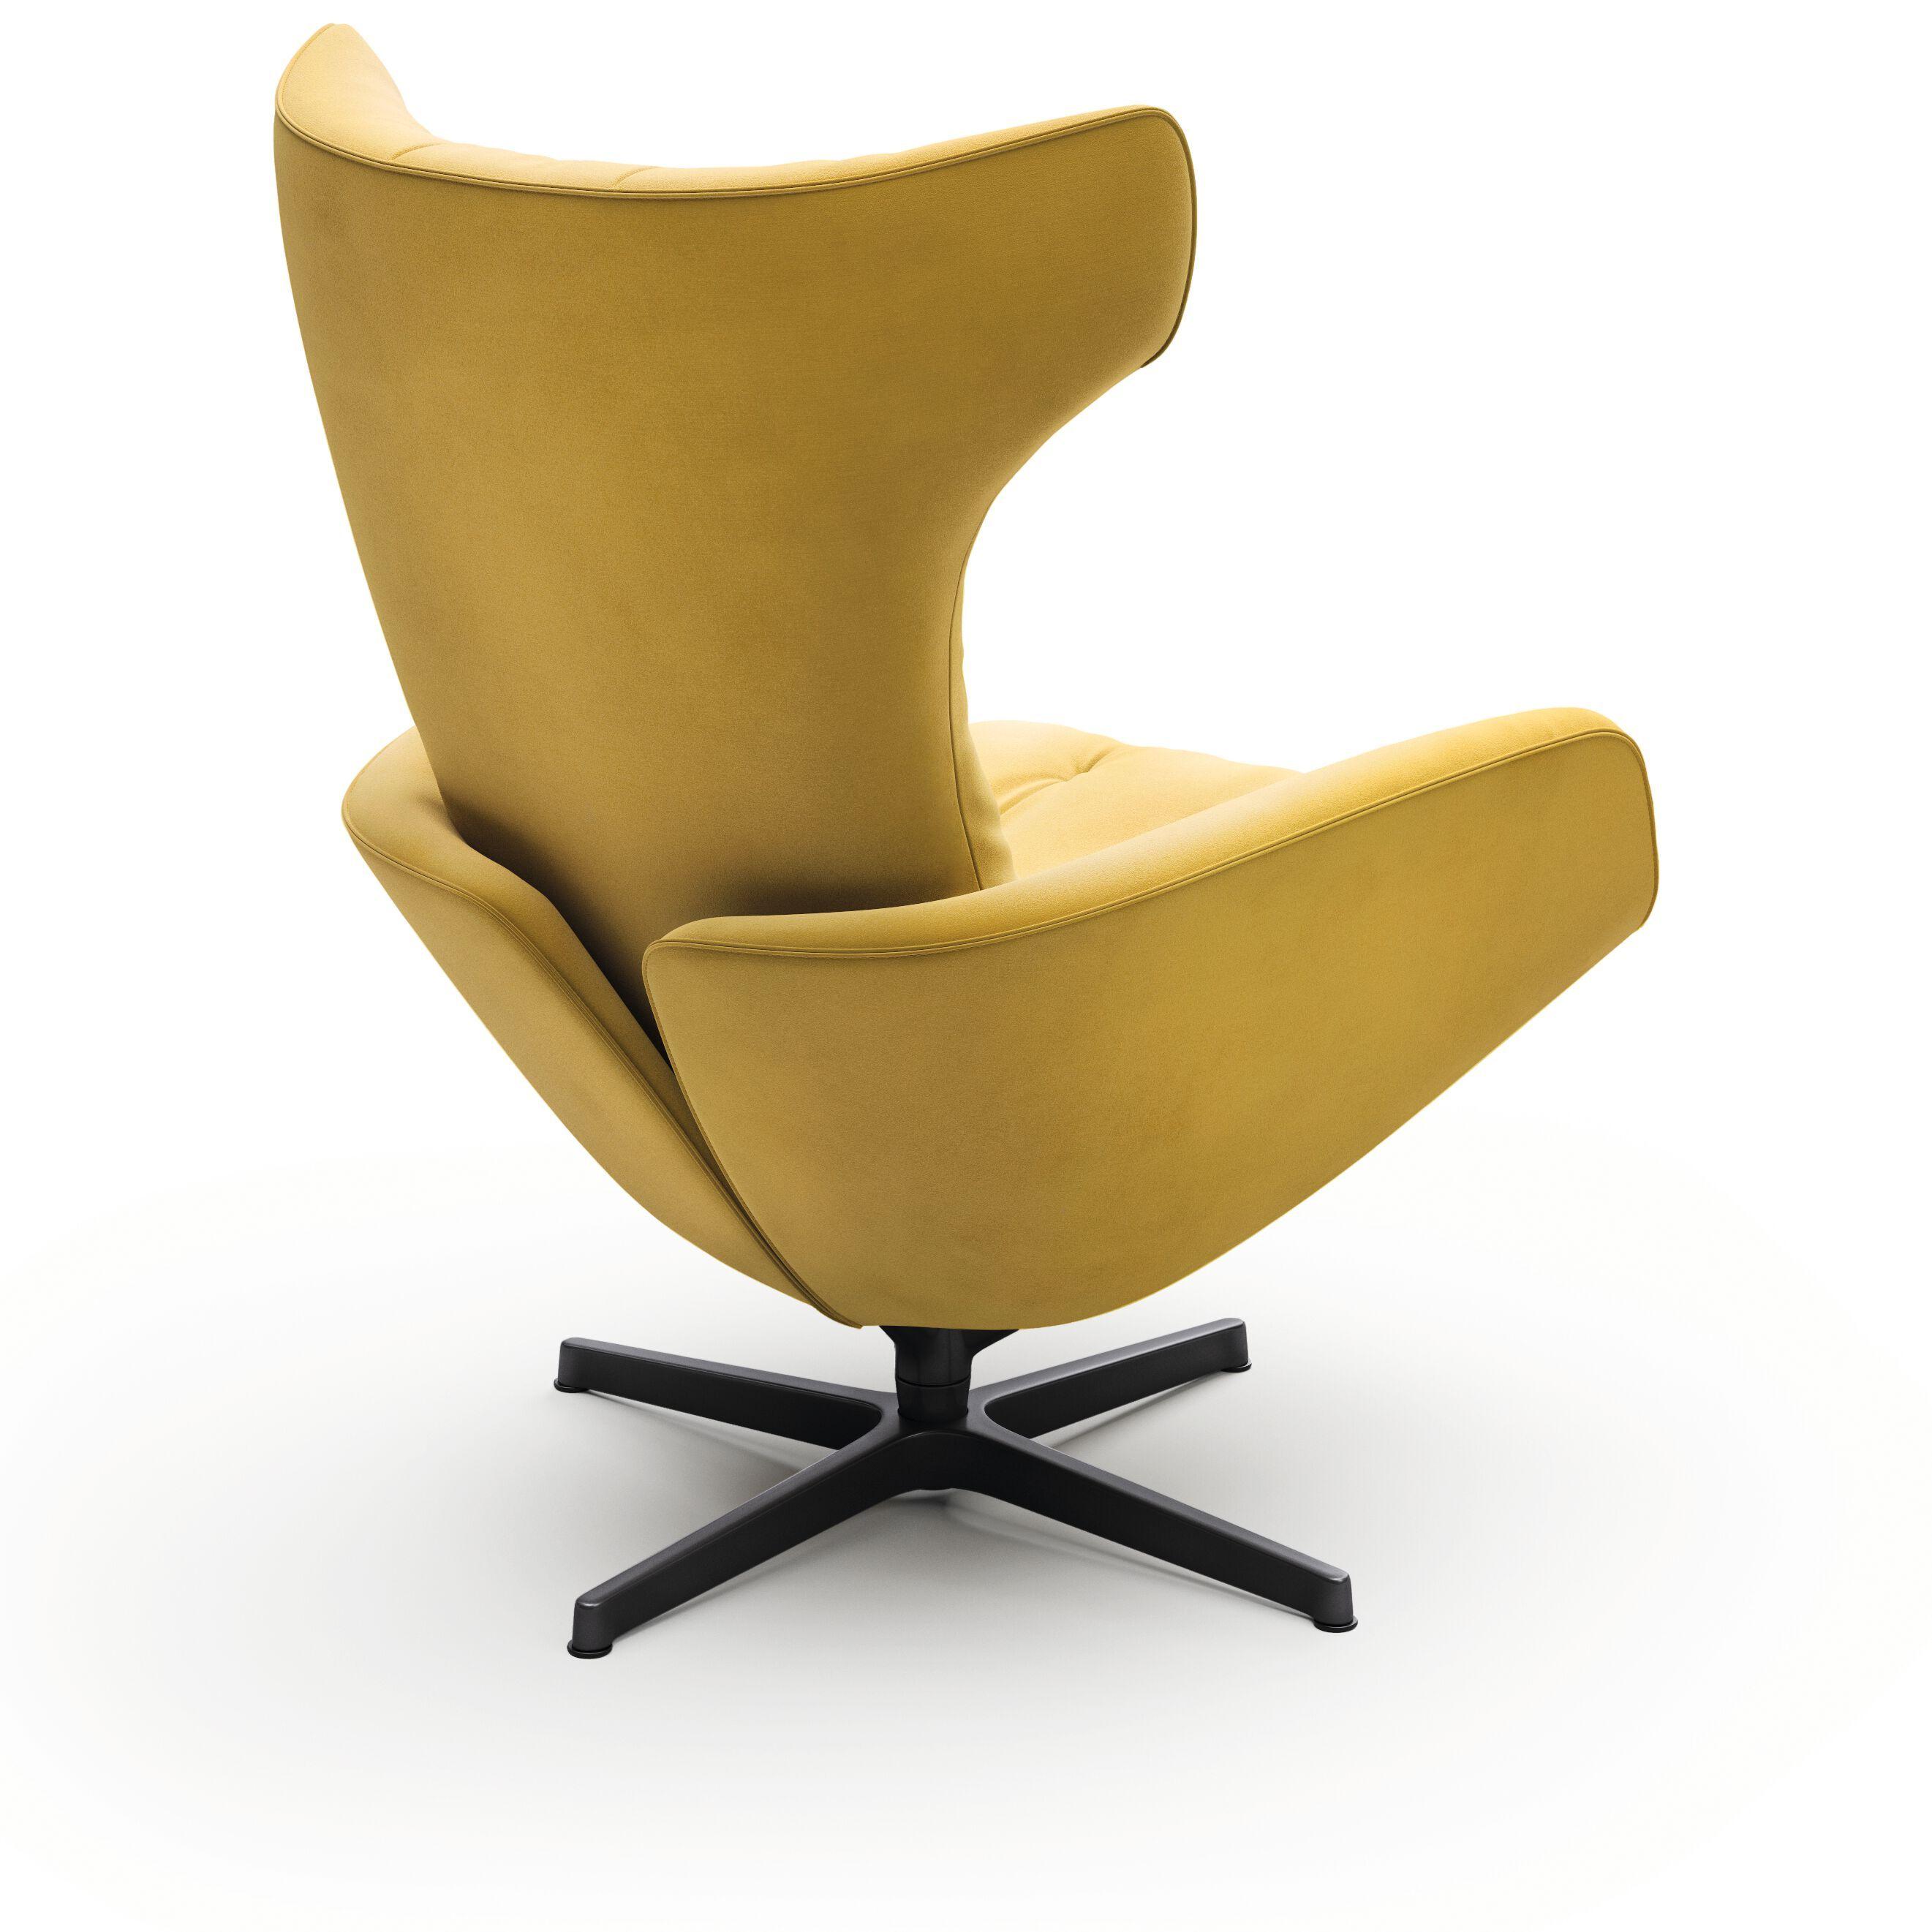 08-WK-Onsa Chair-matt-pulverbeschichtet, schwarz-0019-H.tif